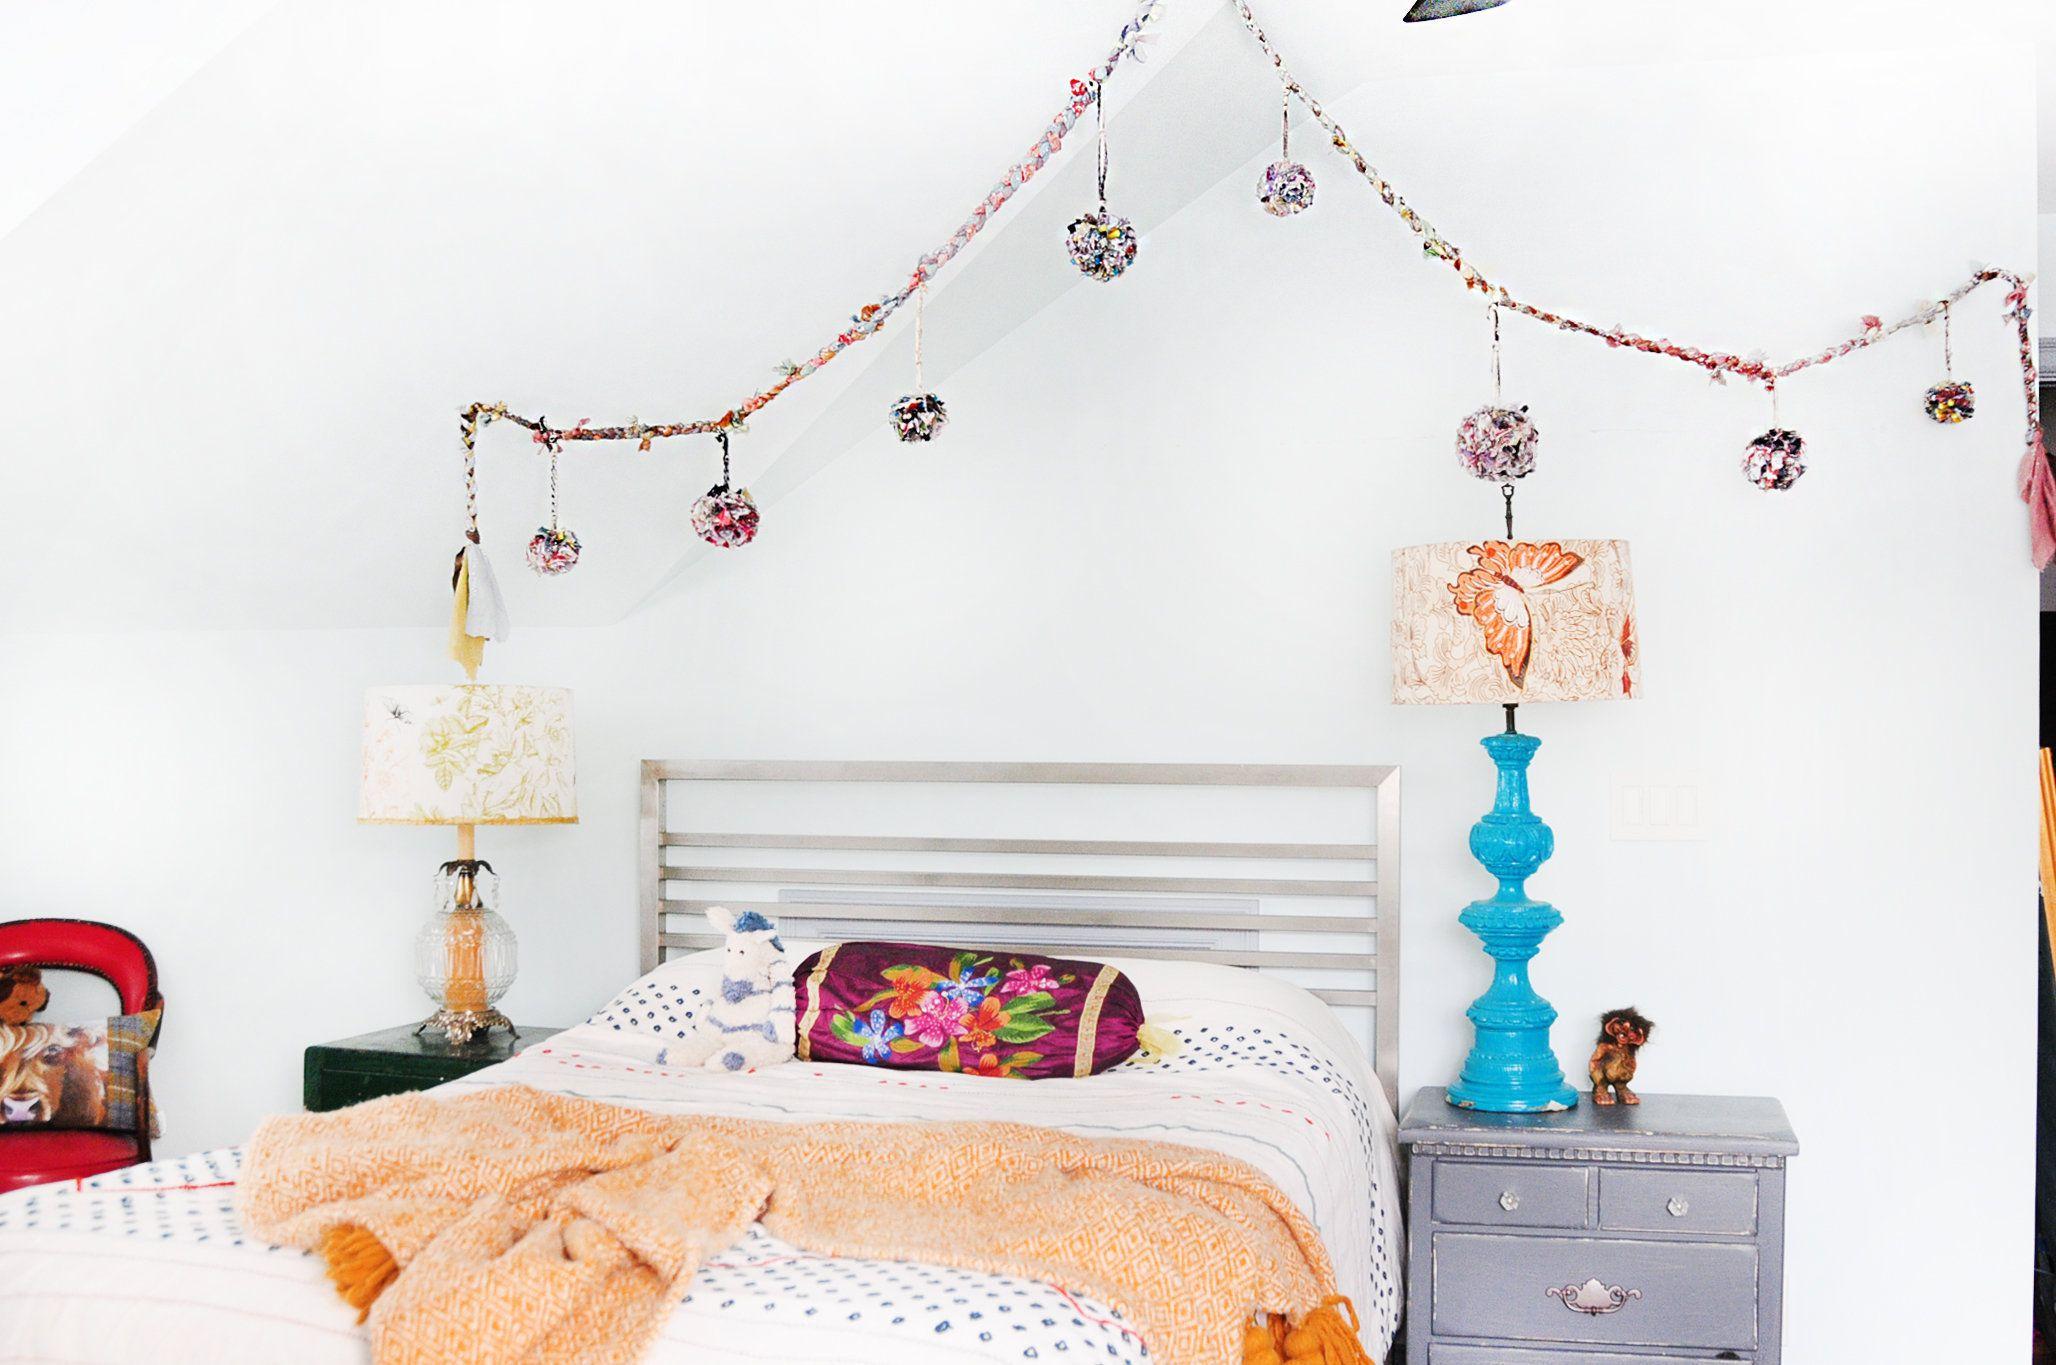 15ft Braided Pom Pom Banner, Mixed Media art, Boho decor, Sparkle stars, Upcycled decoration, Party decor #PartyDecoration #ColorfulDecor #PartyStreamer #UniquePartyDecor #UpcycledArt #HandDyedFabric #CreativeDecorating #ophilya #ColorfulStreamer #EcoConsciousDecor